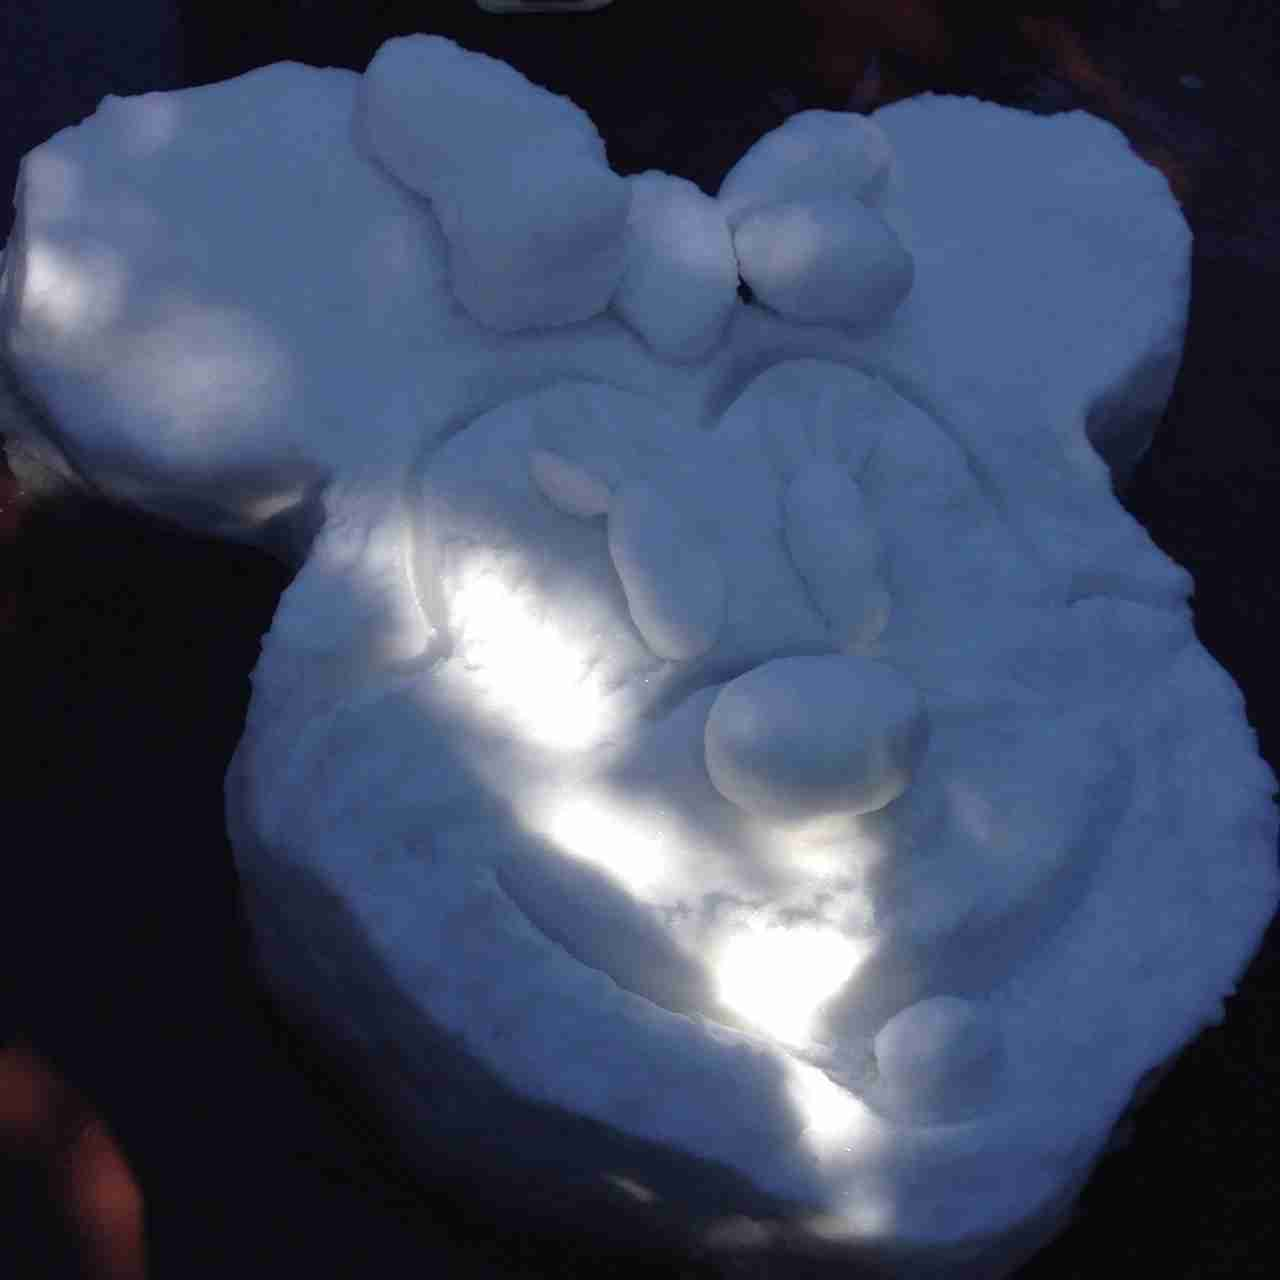 【話題】ディズニーランドは雪でもすごい!